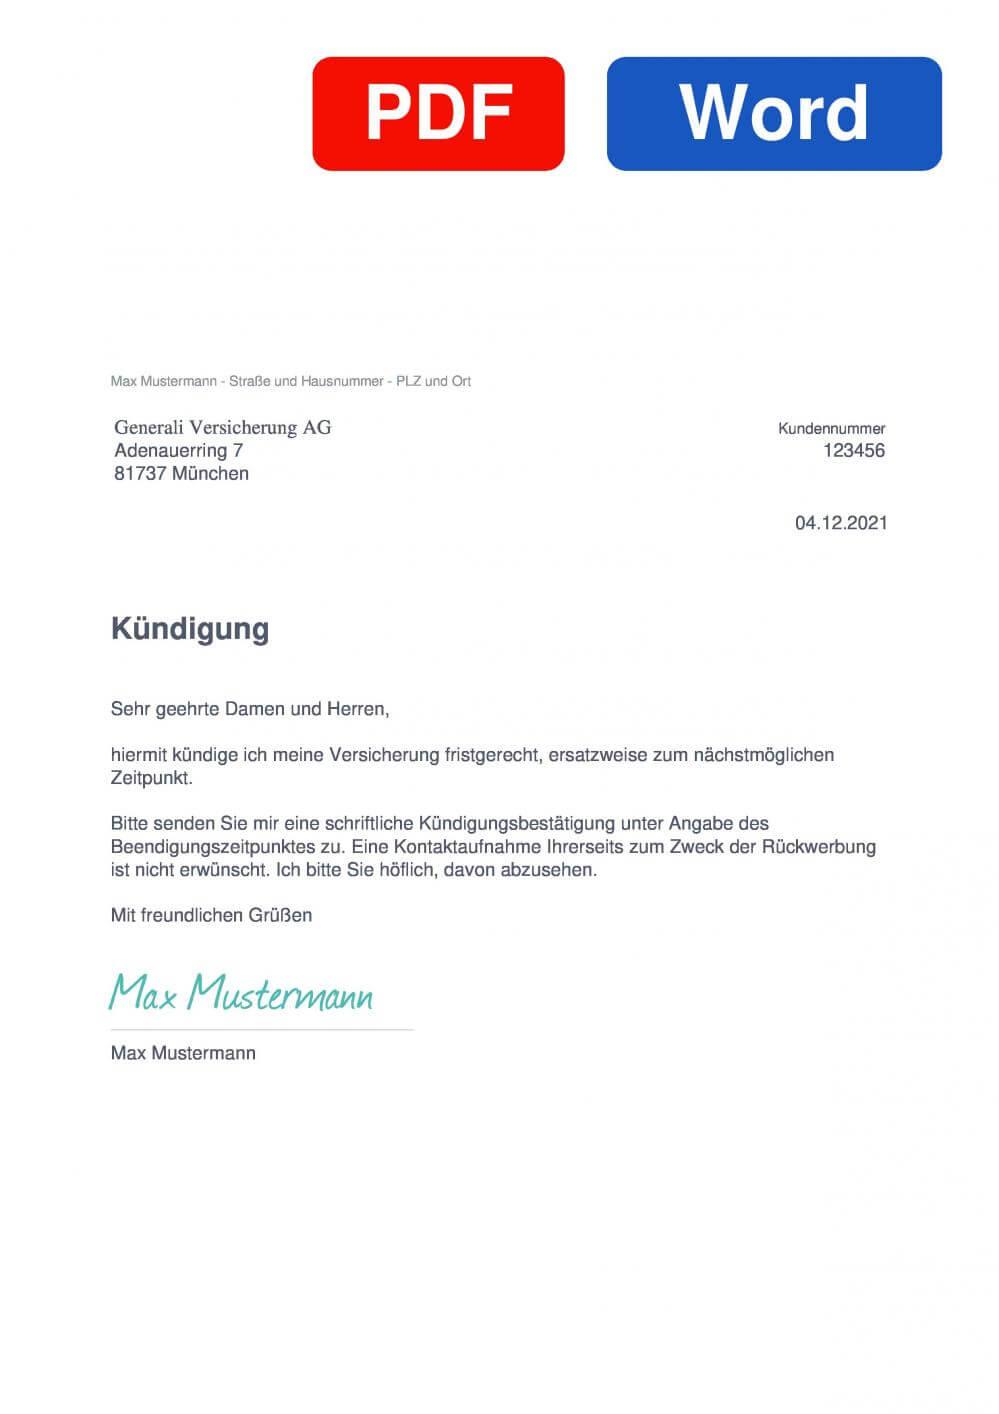 Volksfürsorge Deutsche Hausratversicherung Muster Vorlage für Kündigungsschreiben